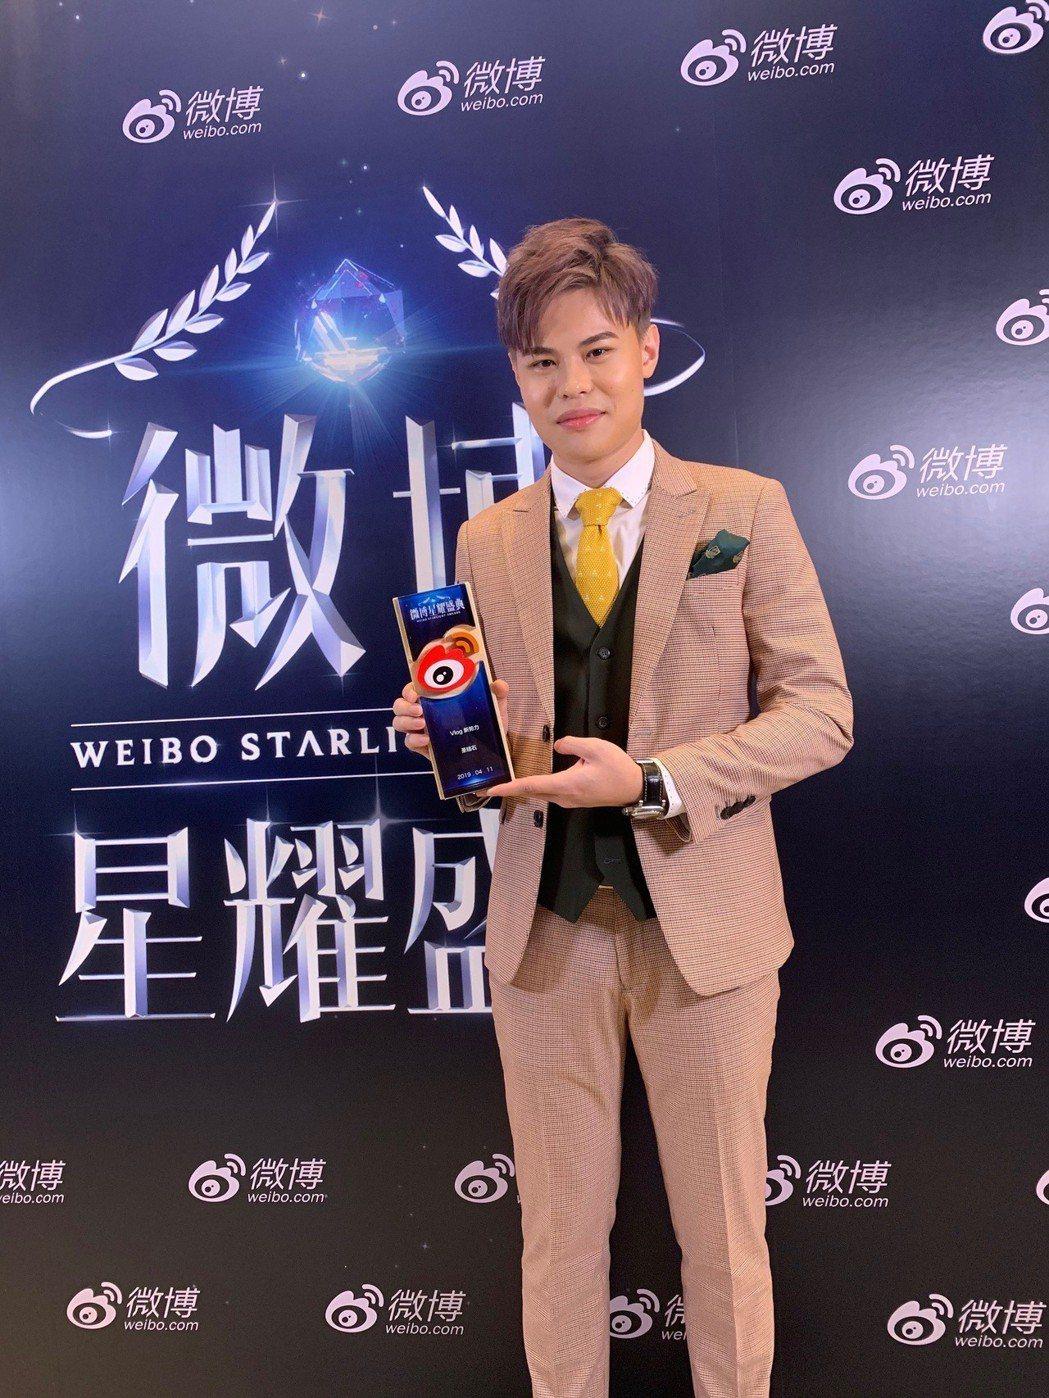 聖結石赴香港參與微博星要盛典,榮獲Vlog星勢力大獎。圖/webtvasia提供